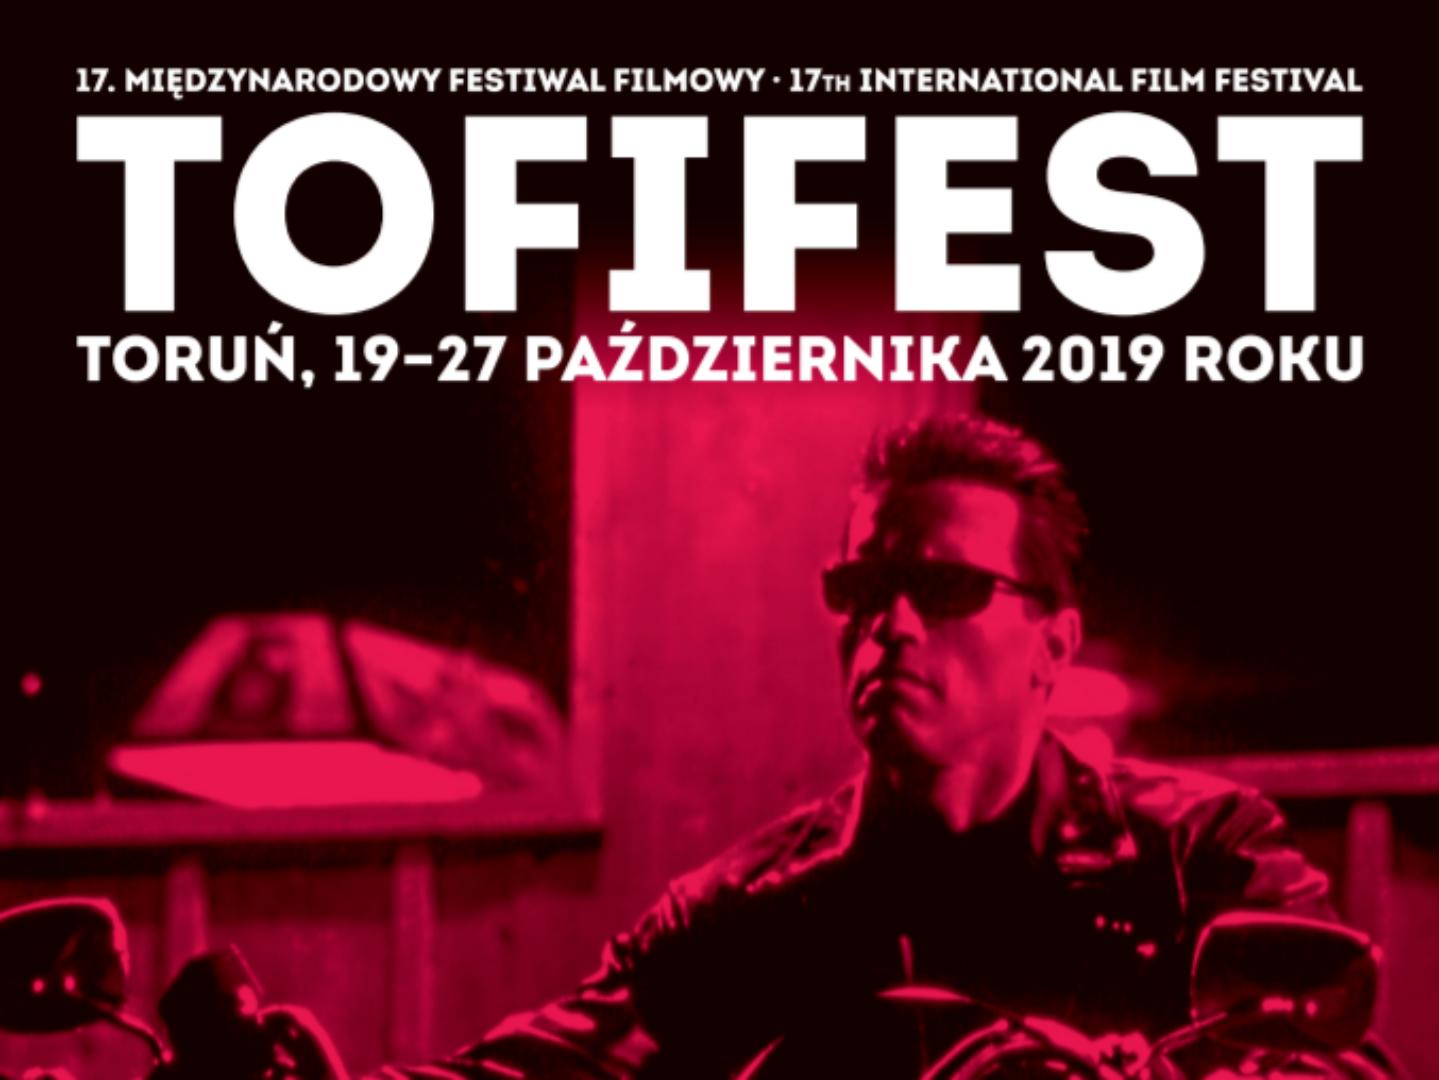 10 filmów, które warto zobaczyć podczas festiwalu Tofifest